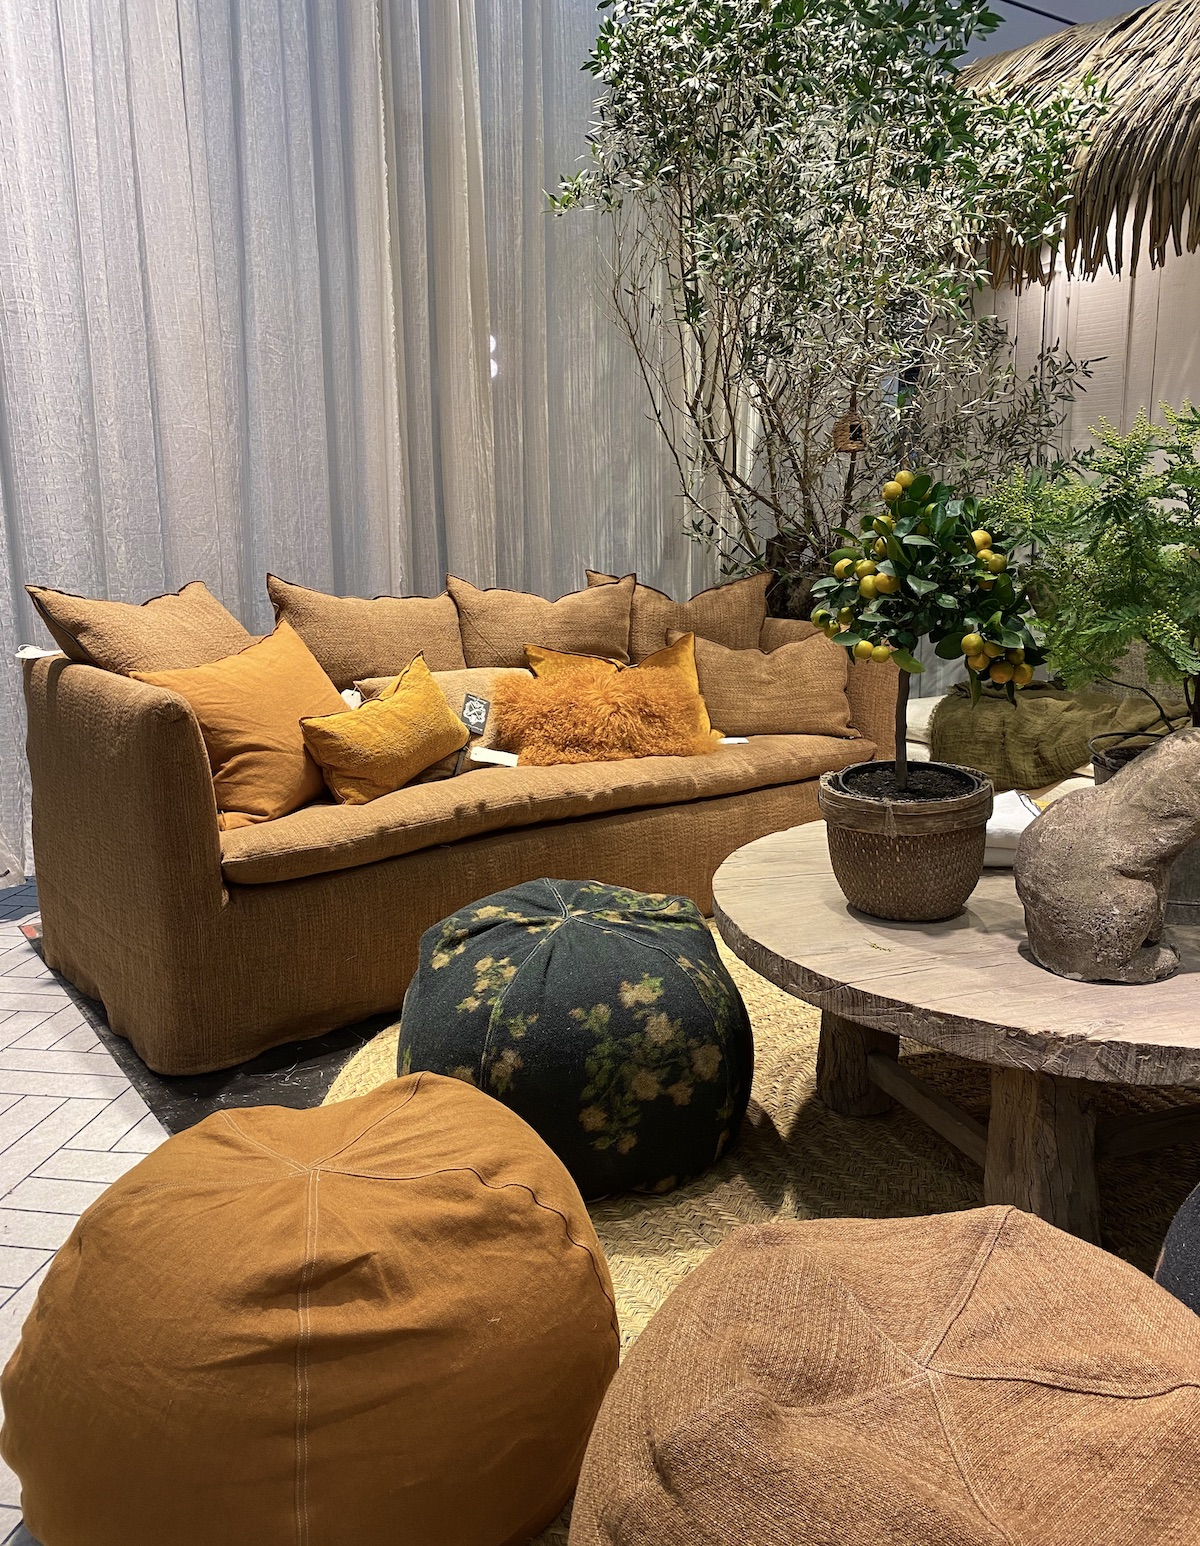 tendances déco 2020 canapé lin maison de vacances jaune moutarde ocre - blog clem around the corner